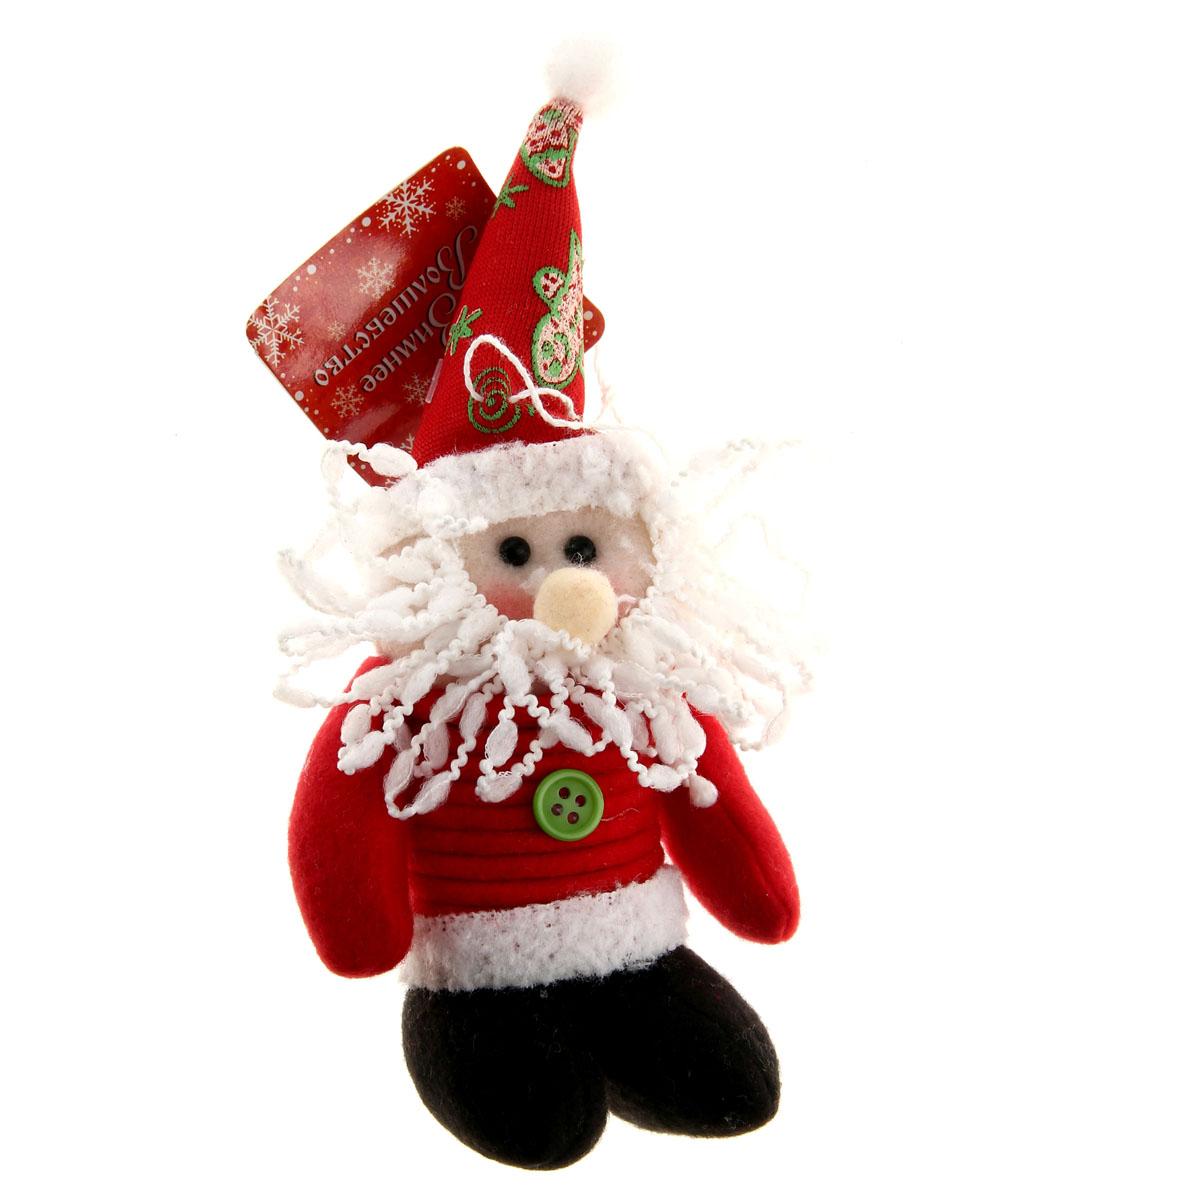 Новогоднее подвесное украшение Sima-land Дед Мороз, цвет: красный, 18 см х 8 см. 811676811676Новогоднее украшение Sima-land Дед Мороз прекрасно подойдет для праздничного декора вашего дома. Сувенир выполнен в виде текстильной фигурки Деда Мороза, тельце которого имеет вид пружинки. Изделие оснащено текстильной петелькой для подвешивания. Такая оригинальная фигурка оформит интерьер вашего дома или офиса в преддверии Нового года. Оригинальный дизайн и красочное исполнение создадут праздничное настроение. Кроме того, это отличный вариант подарка для ваших близких и друзей. Материал: пластик, текстиль.